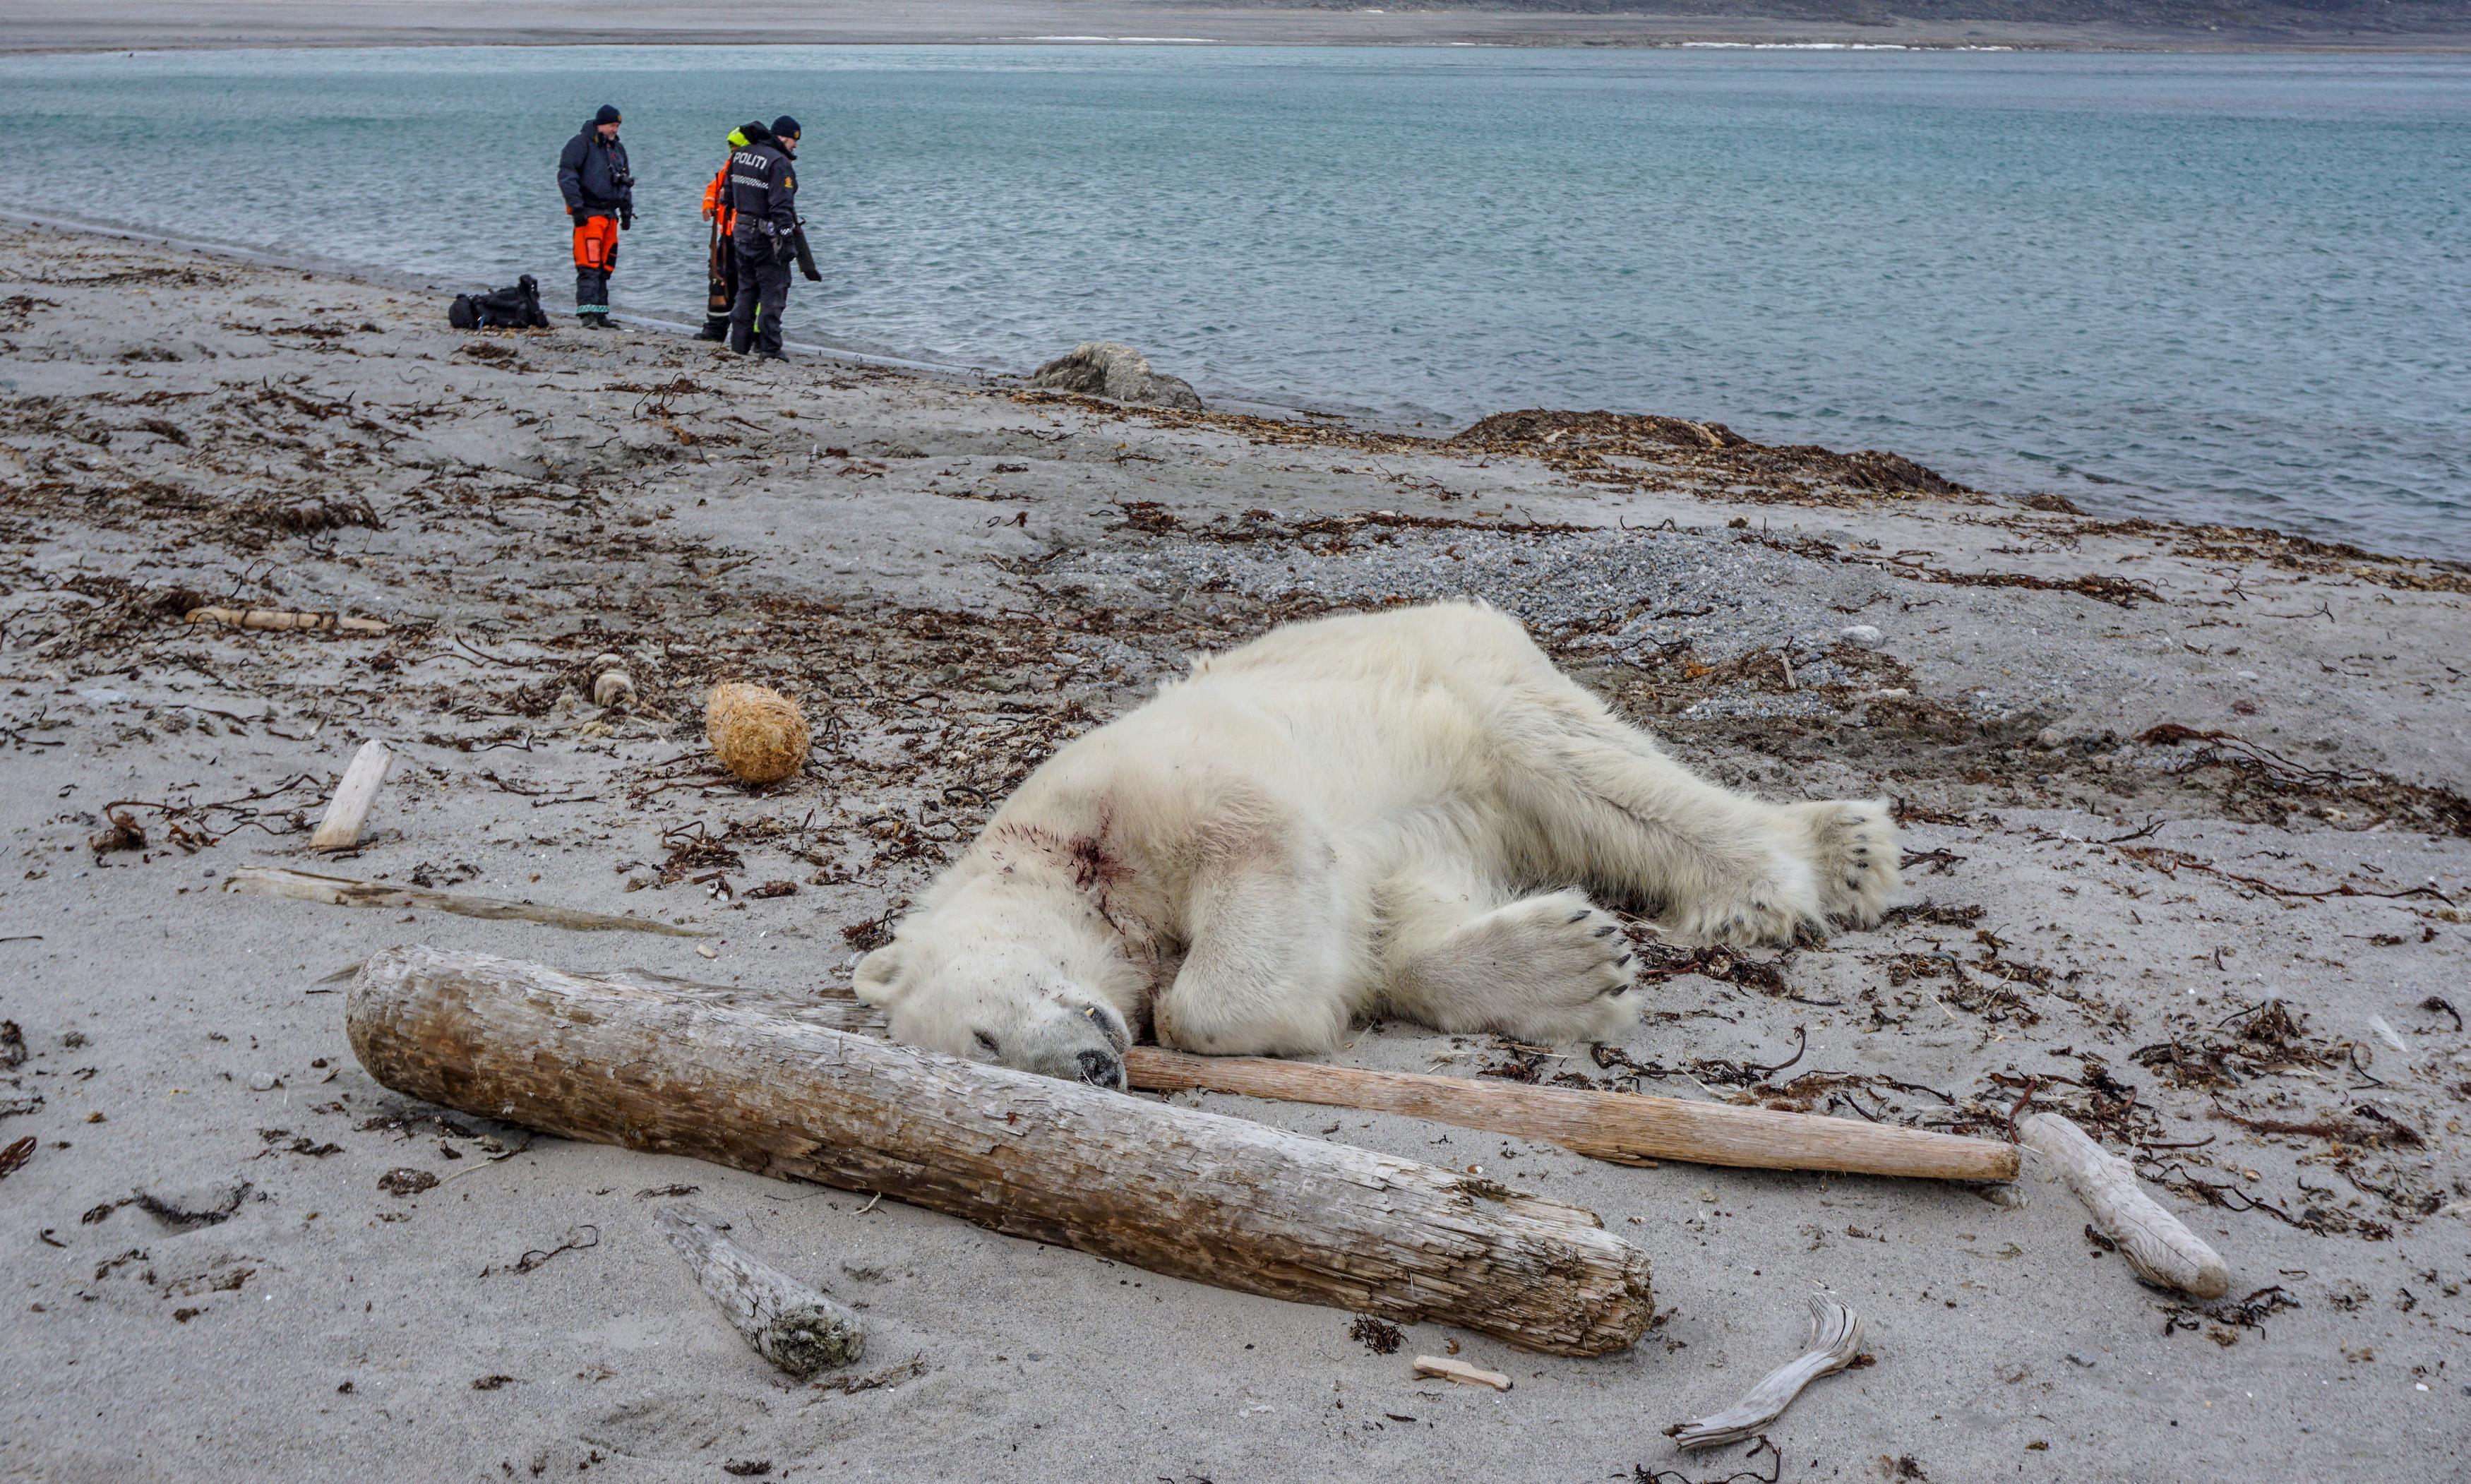 Arctic cruise ship guard shoots polar bear dead for injuring colleague